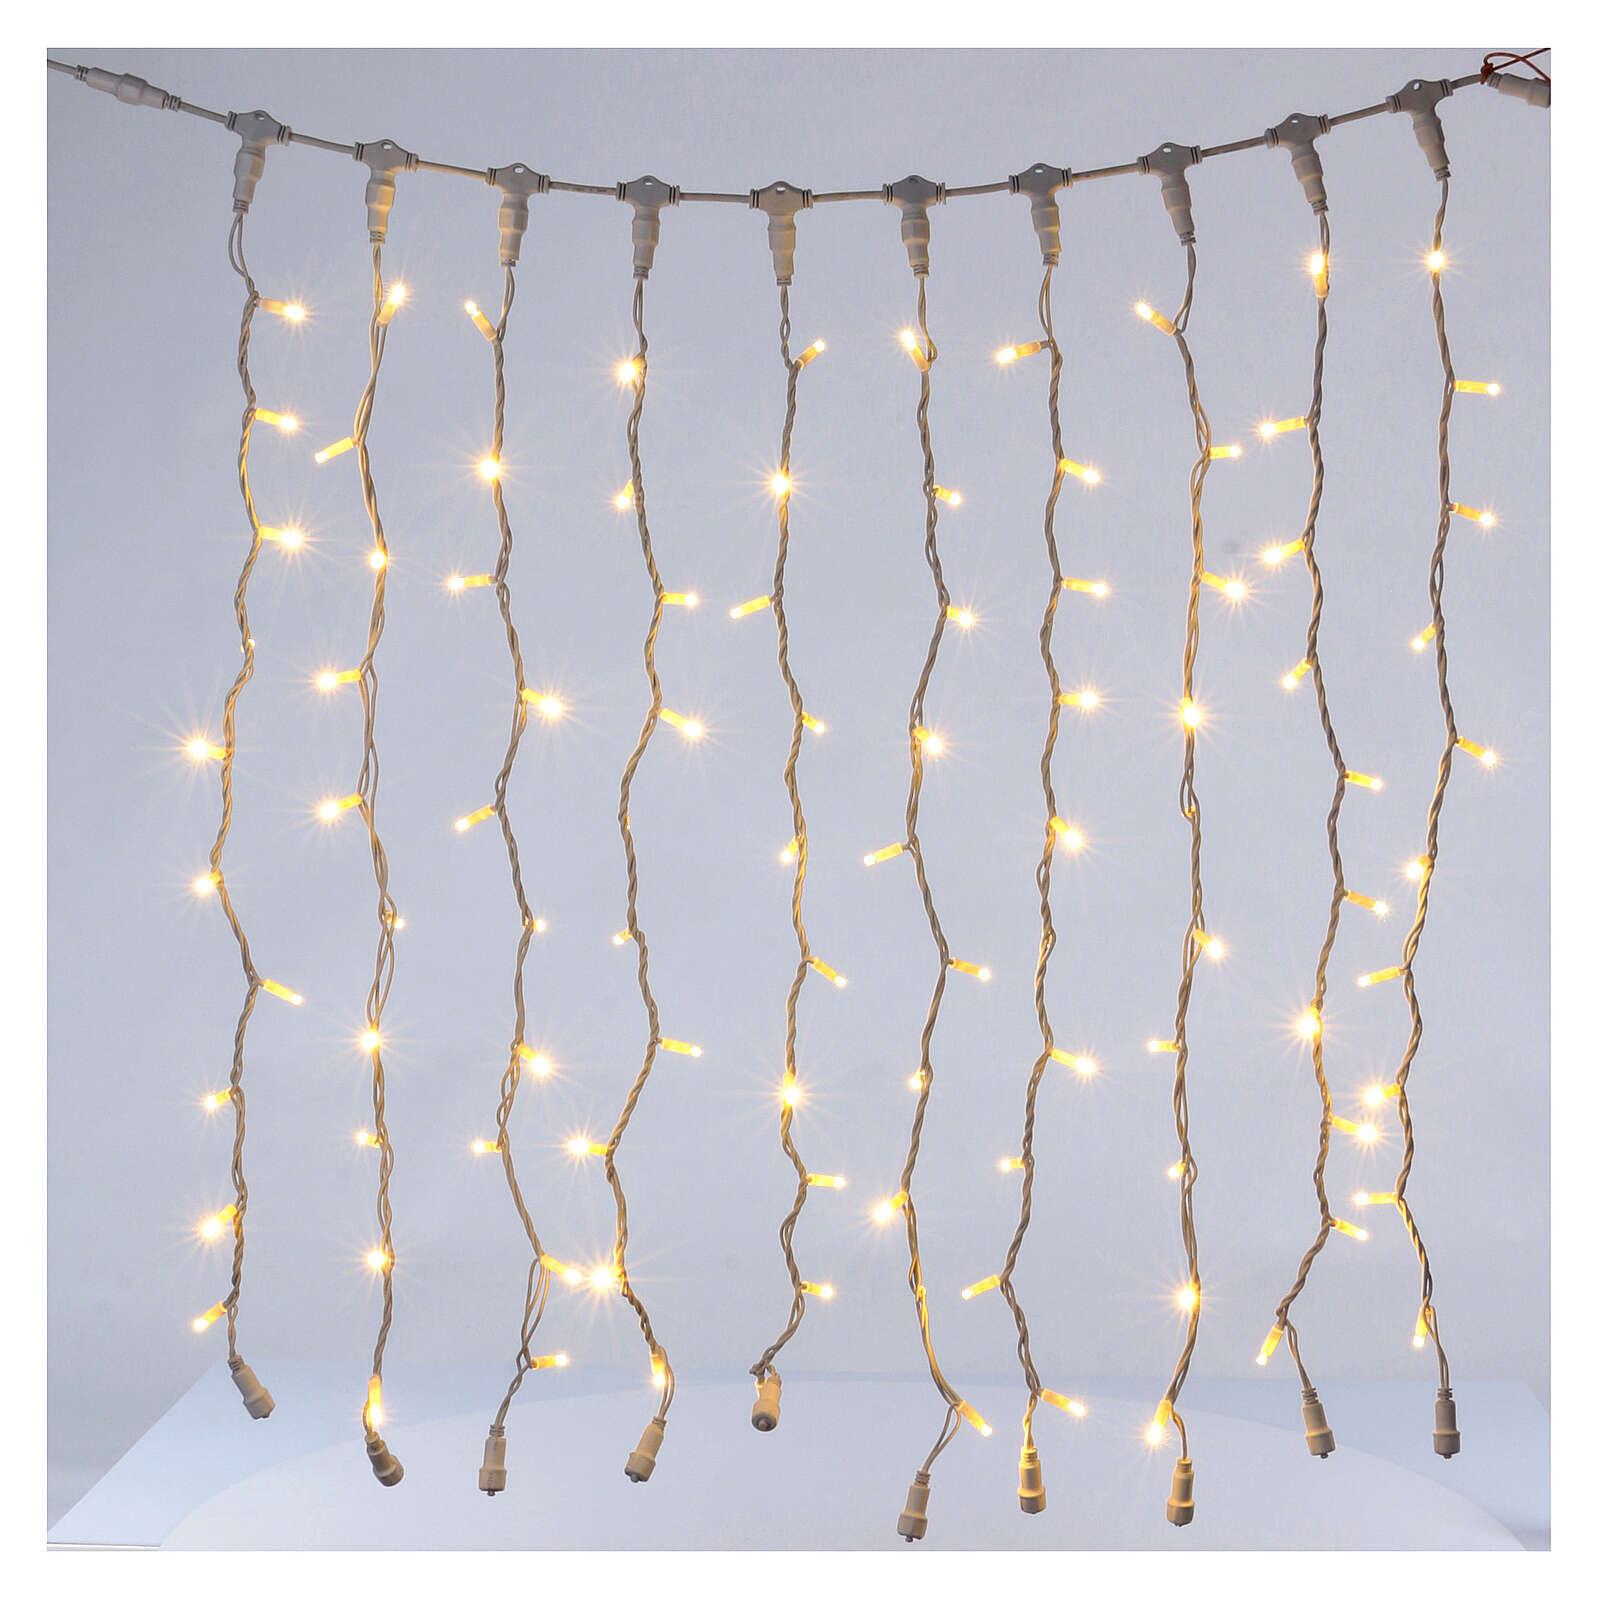 Weihnachtslichter Vorhang 100 Jumbo Leds warmweiss verlängerbar 3